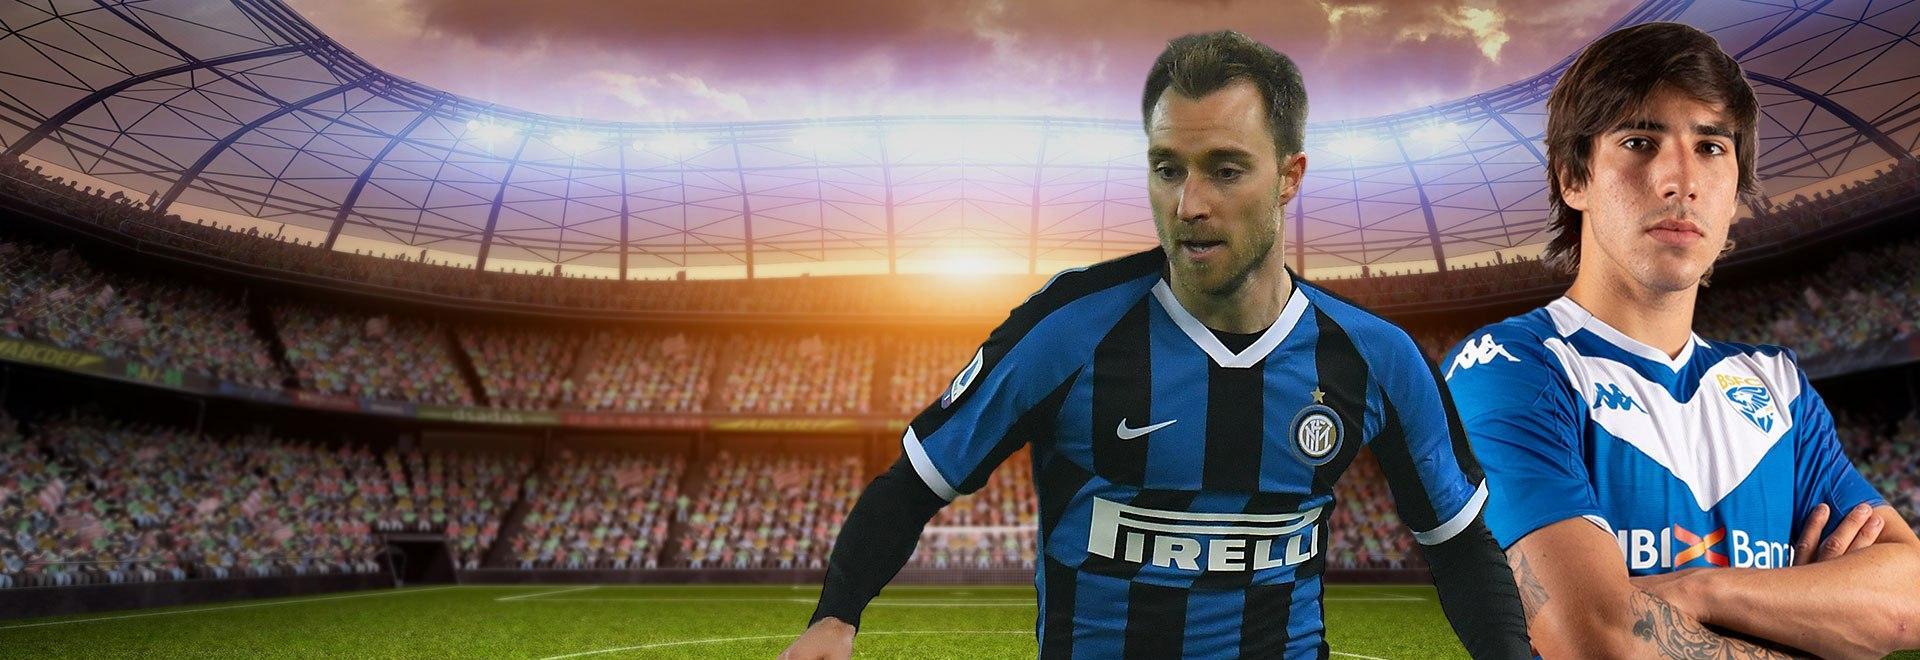 Inter - Brescia. 29a g.